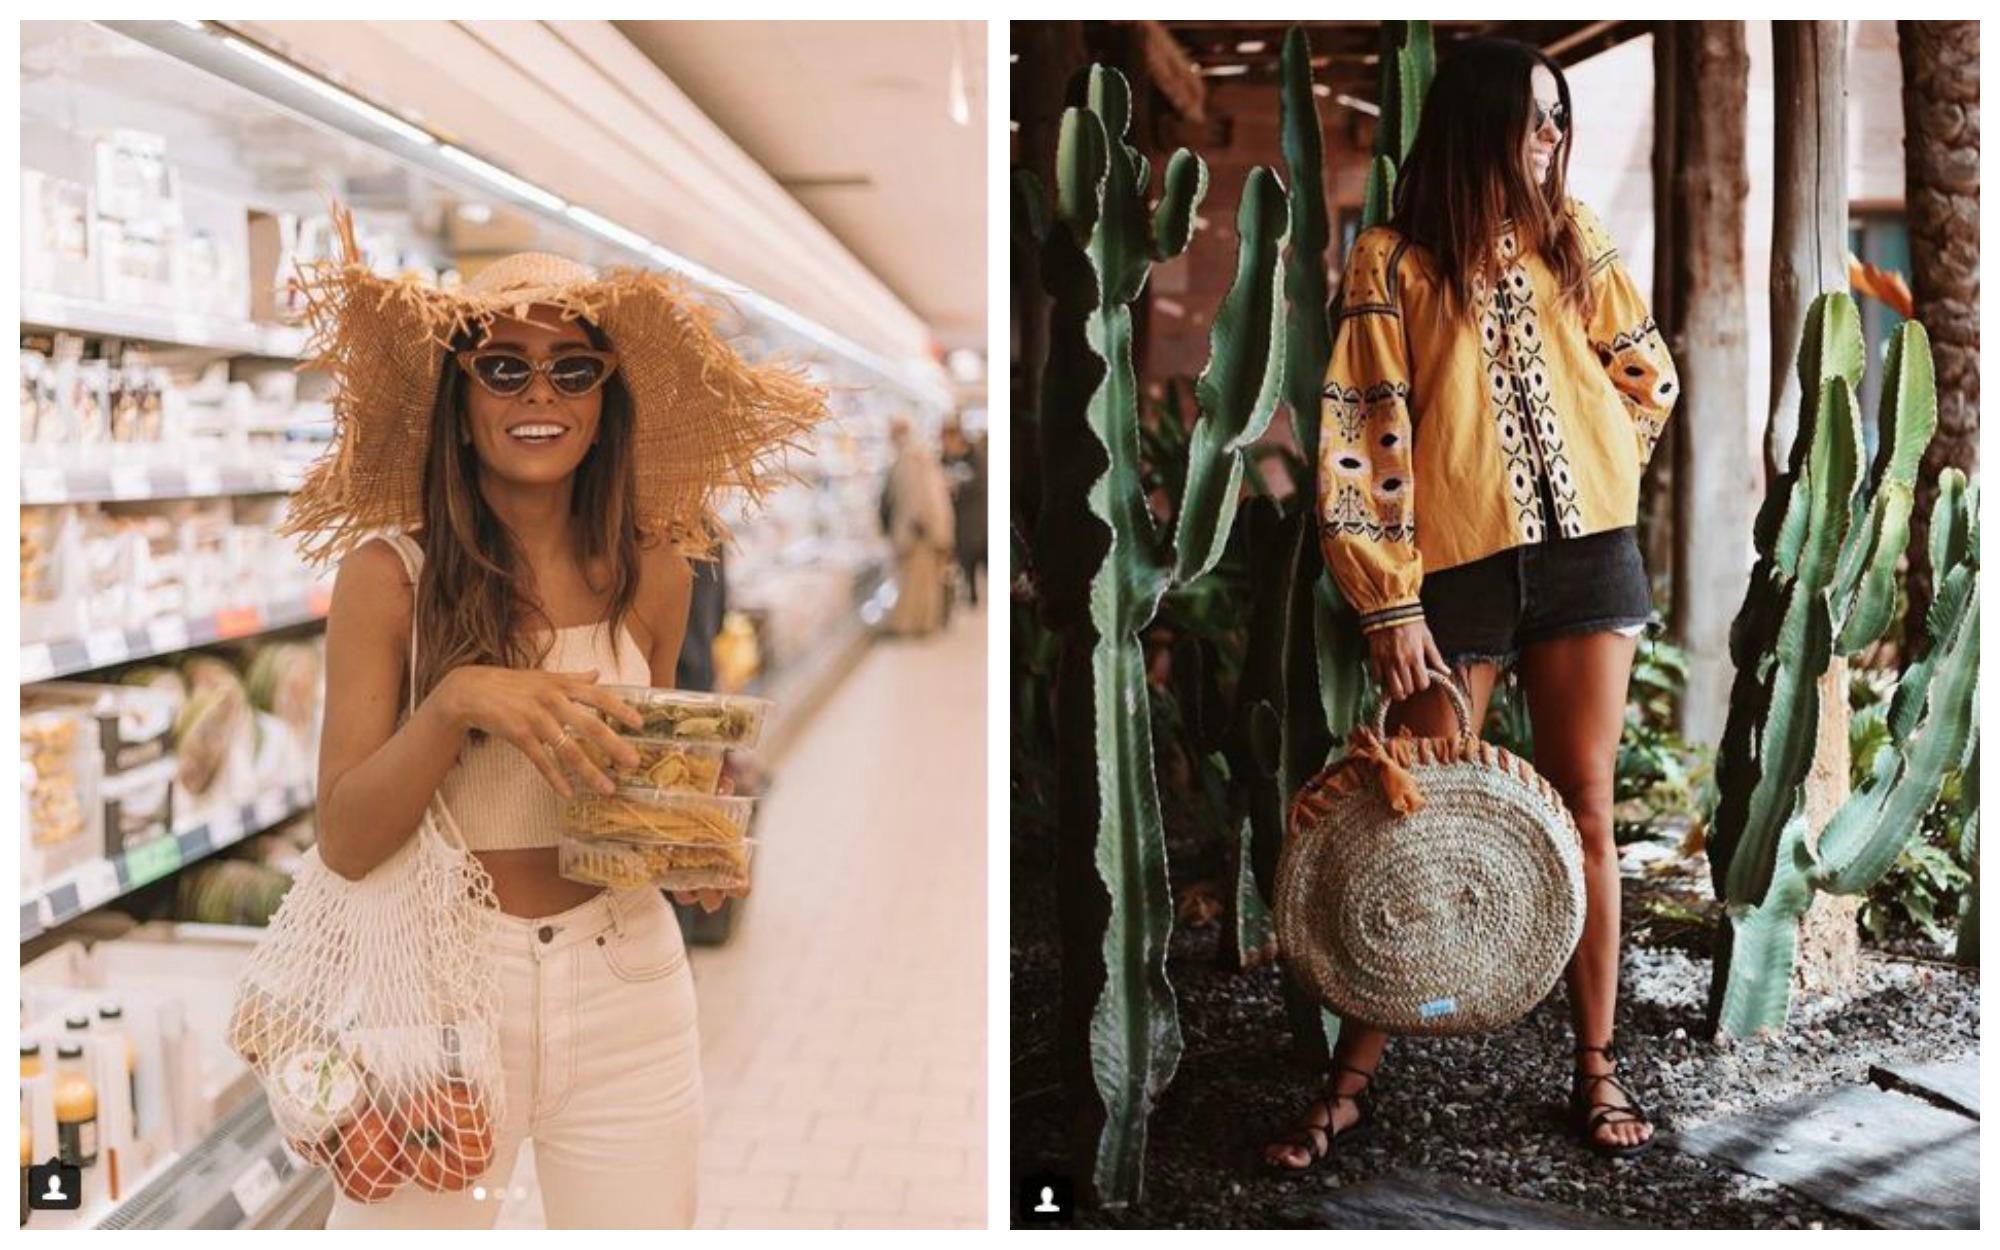 tendencias La influencer combina estos bolsos con prendas étnicas